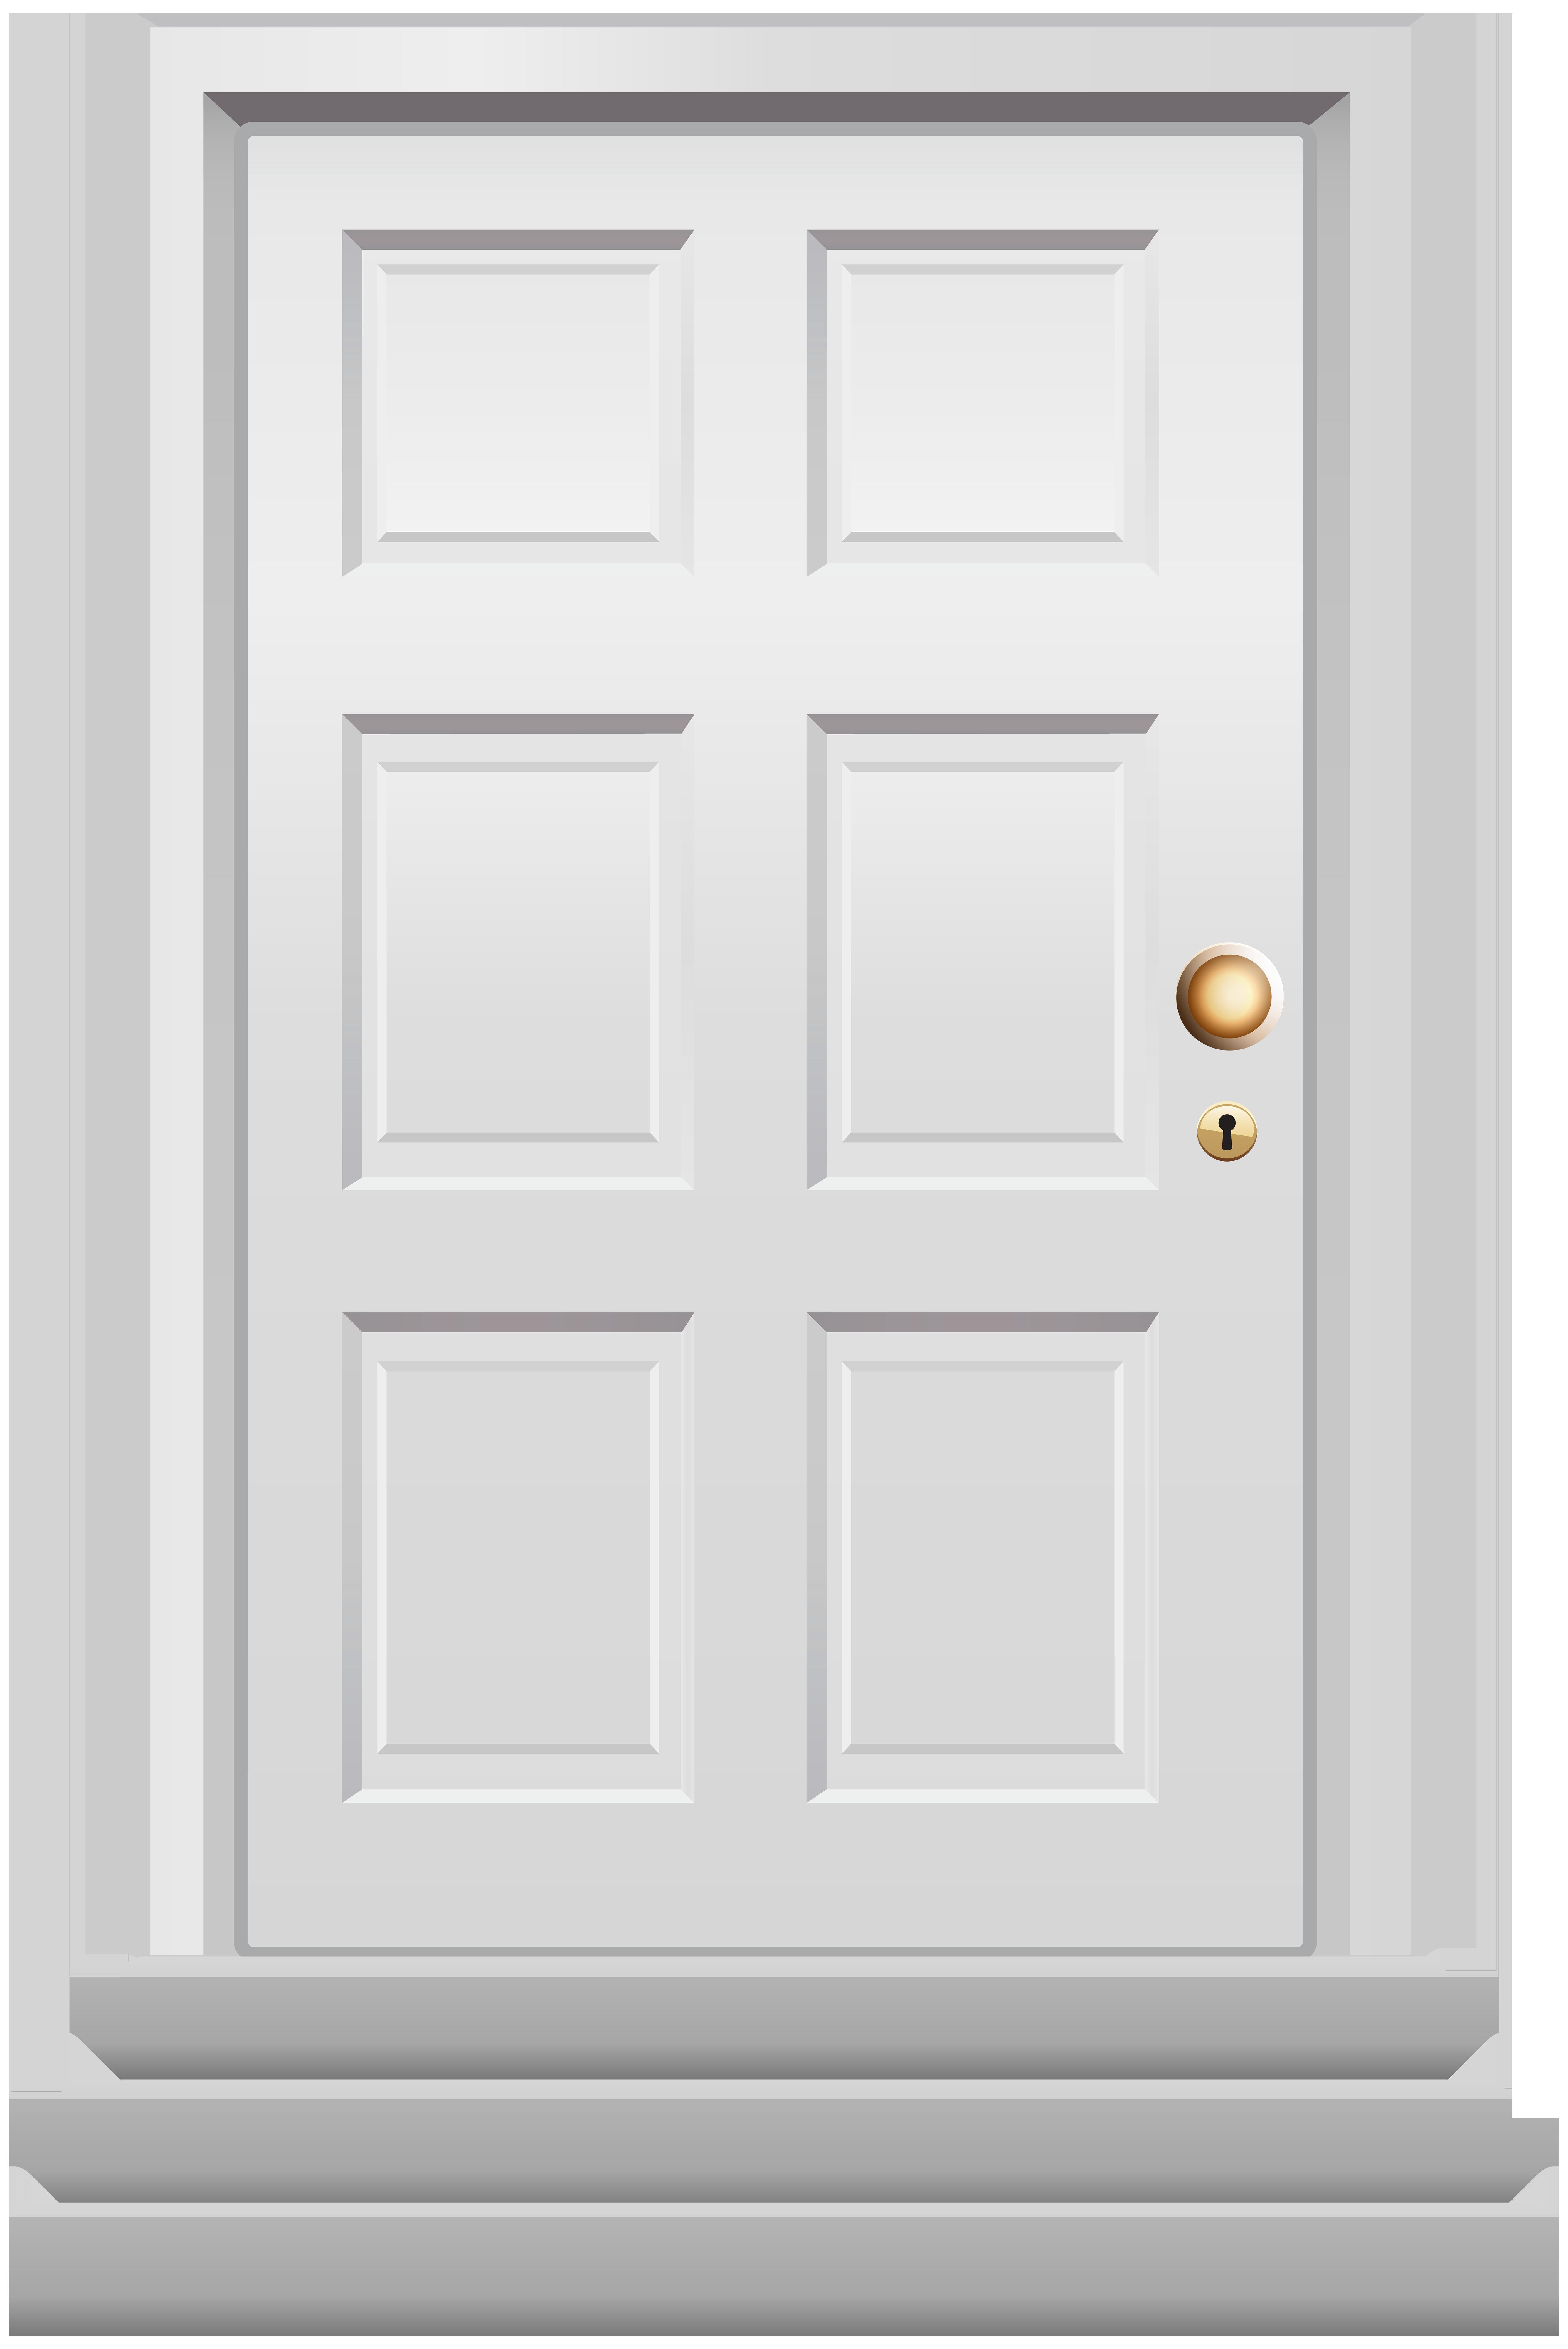 House door clipart jpg royalty free download Front Door White PNG Clip Art - Best WEB Clipart jpg royalty free download